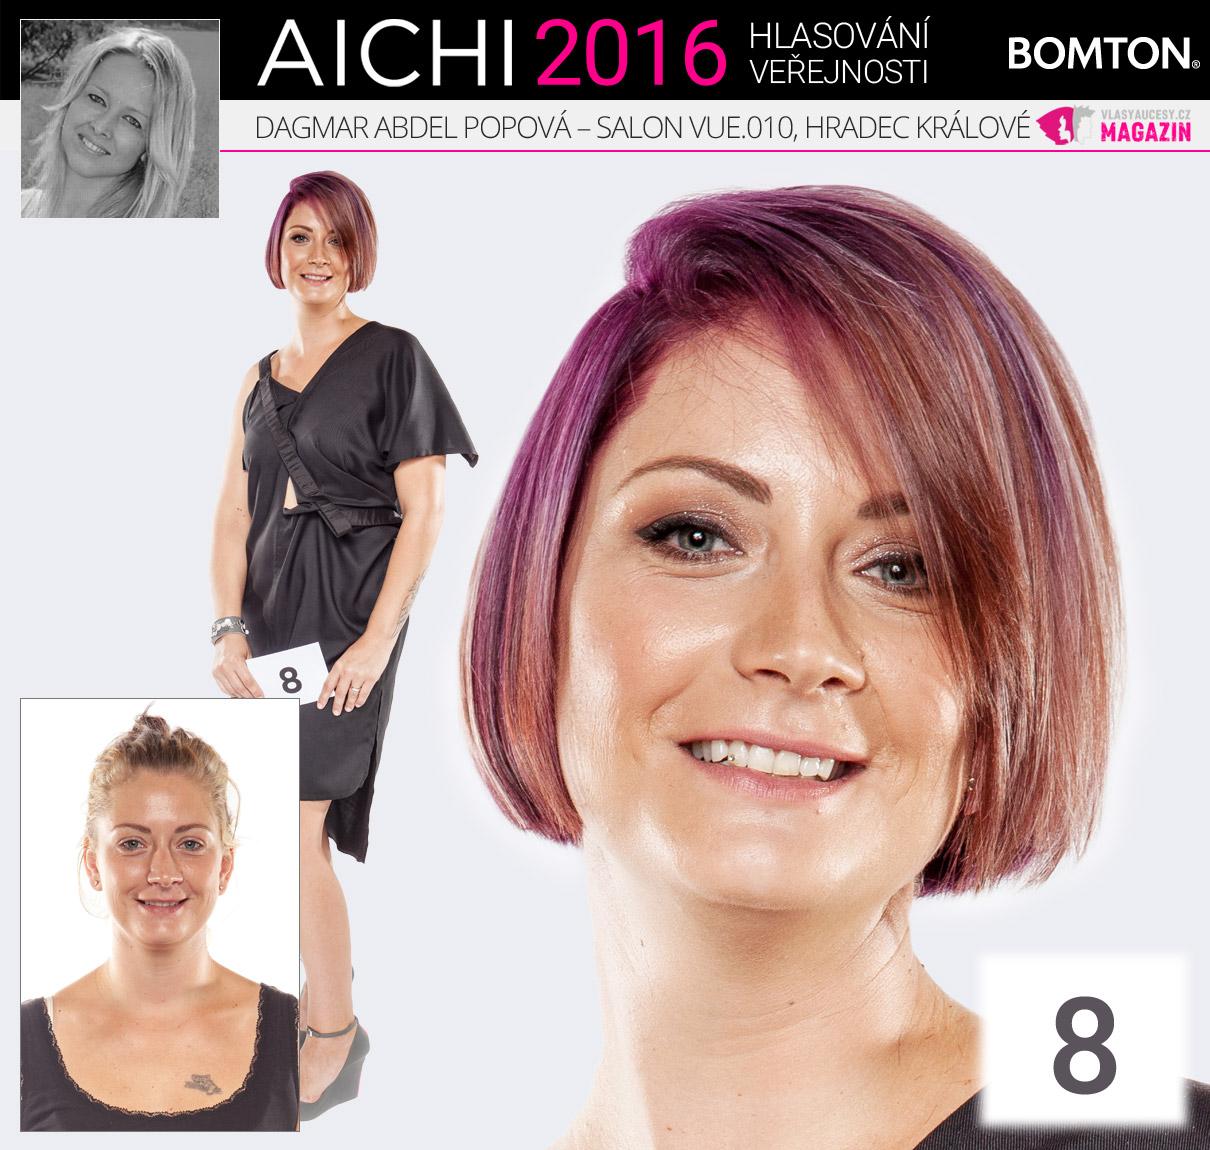 Finálová proměna AICHI 2016: Dagmar Abdel Popová, Salon VUE.010, Hradec Králové